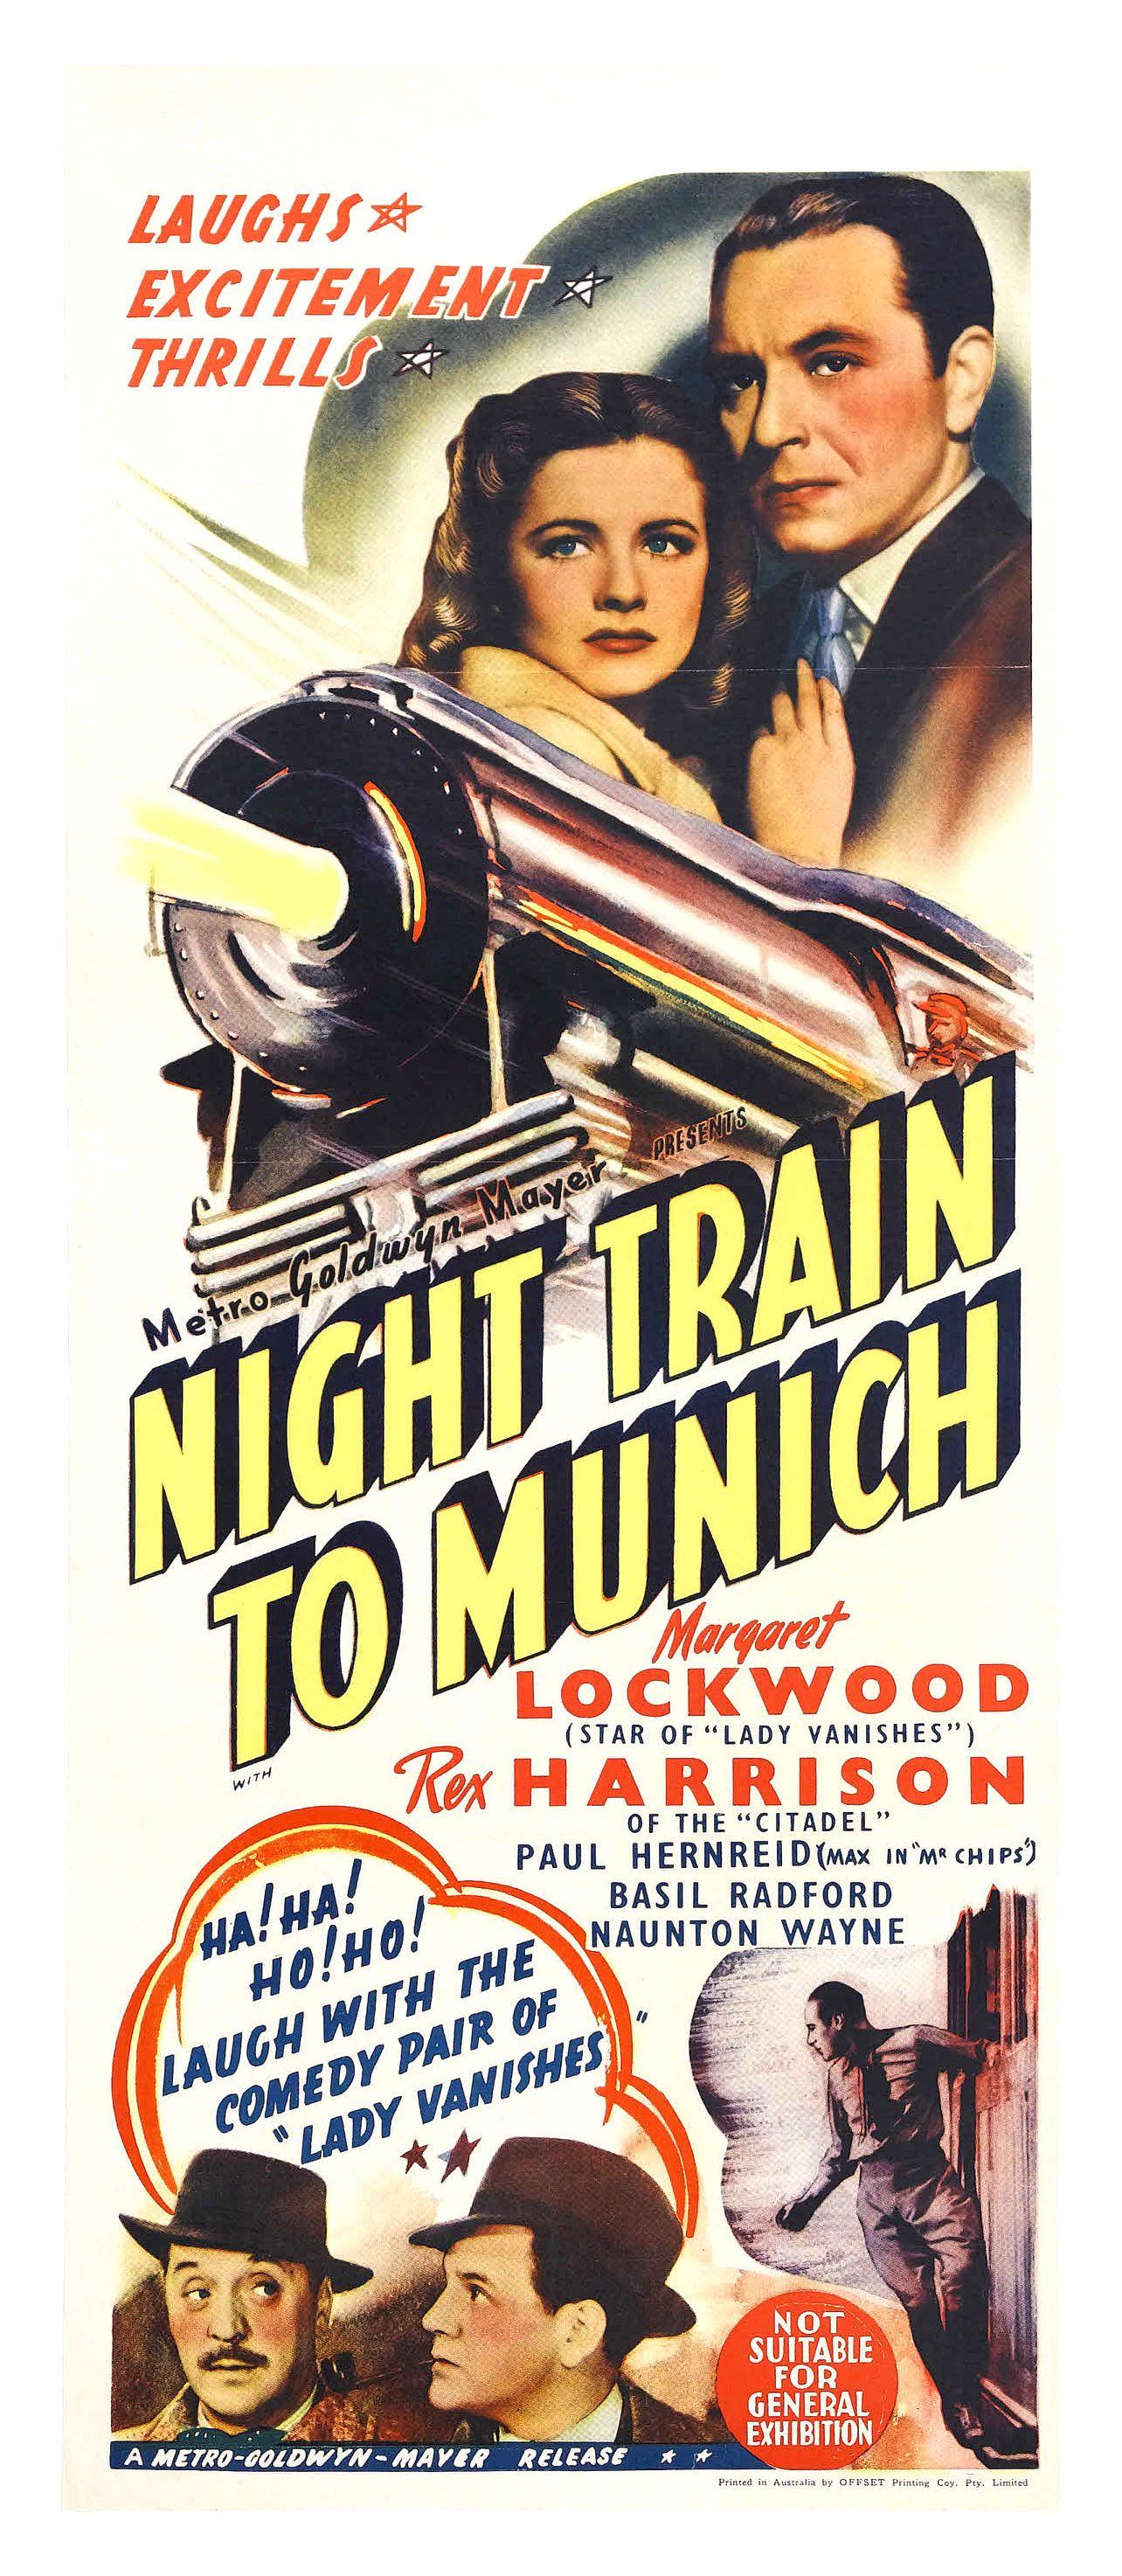 Night Train to Munich (1940) Australian daybill poster